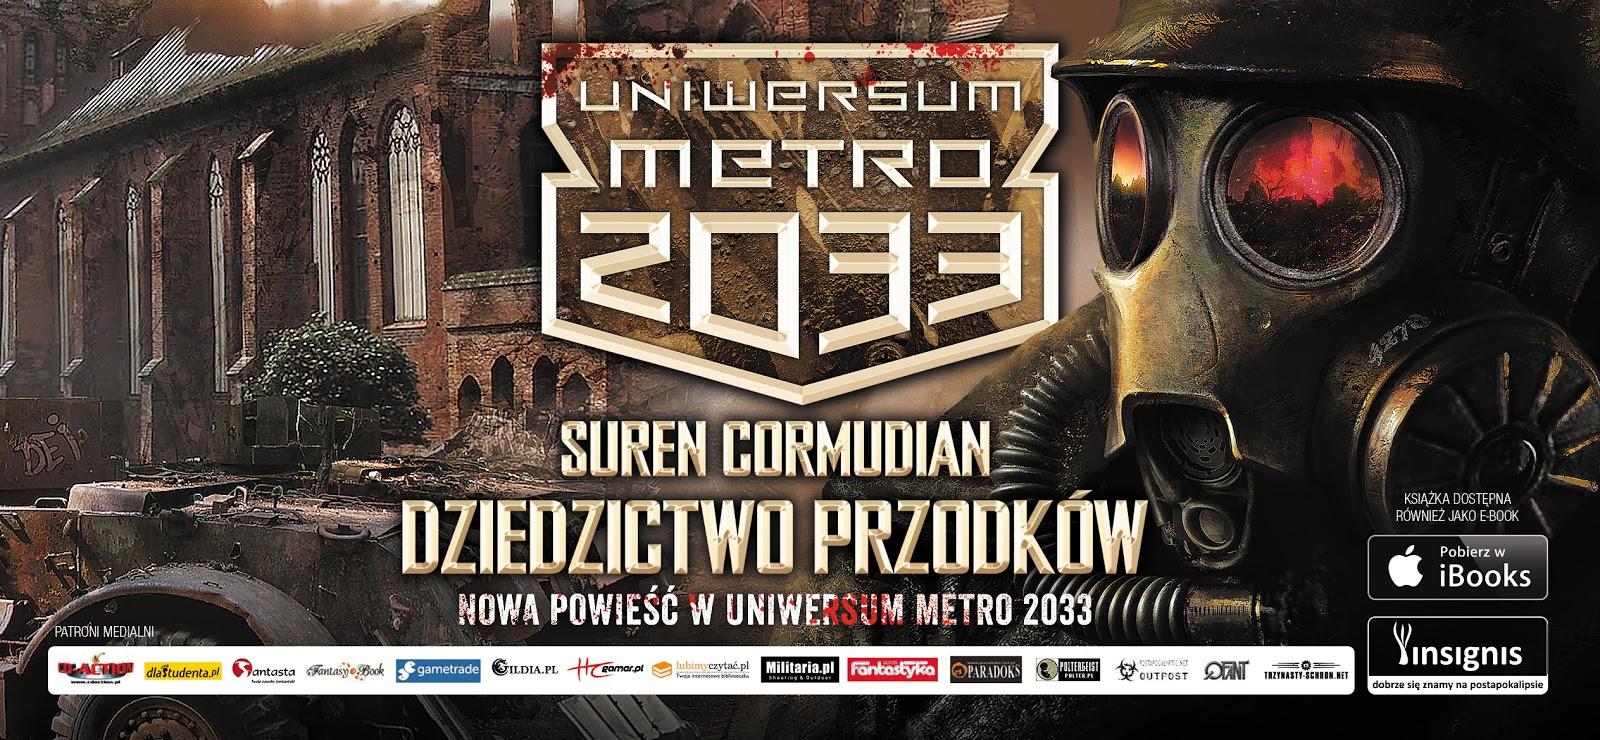 Premiera Dziedzictwo przodków Surena Cormudjana, najnowszej brawurowej postapokalipsy w ramach projektu Dmitrija Glukhovsky'ego Uniwersum Metro 2033.